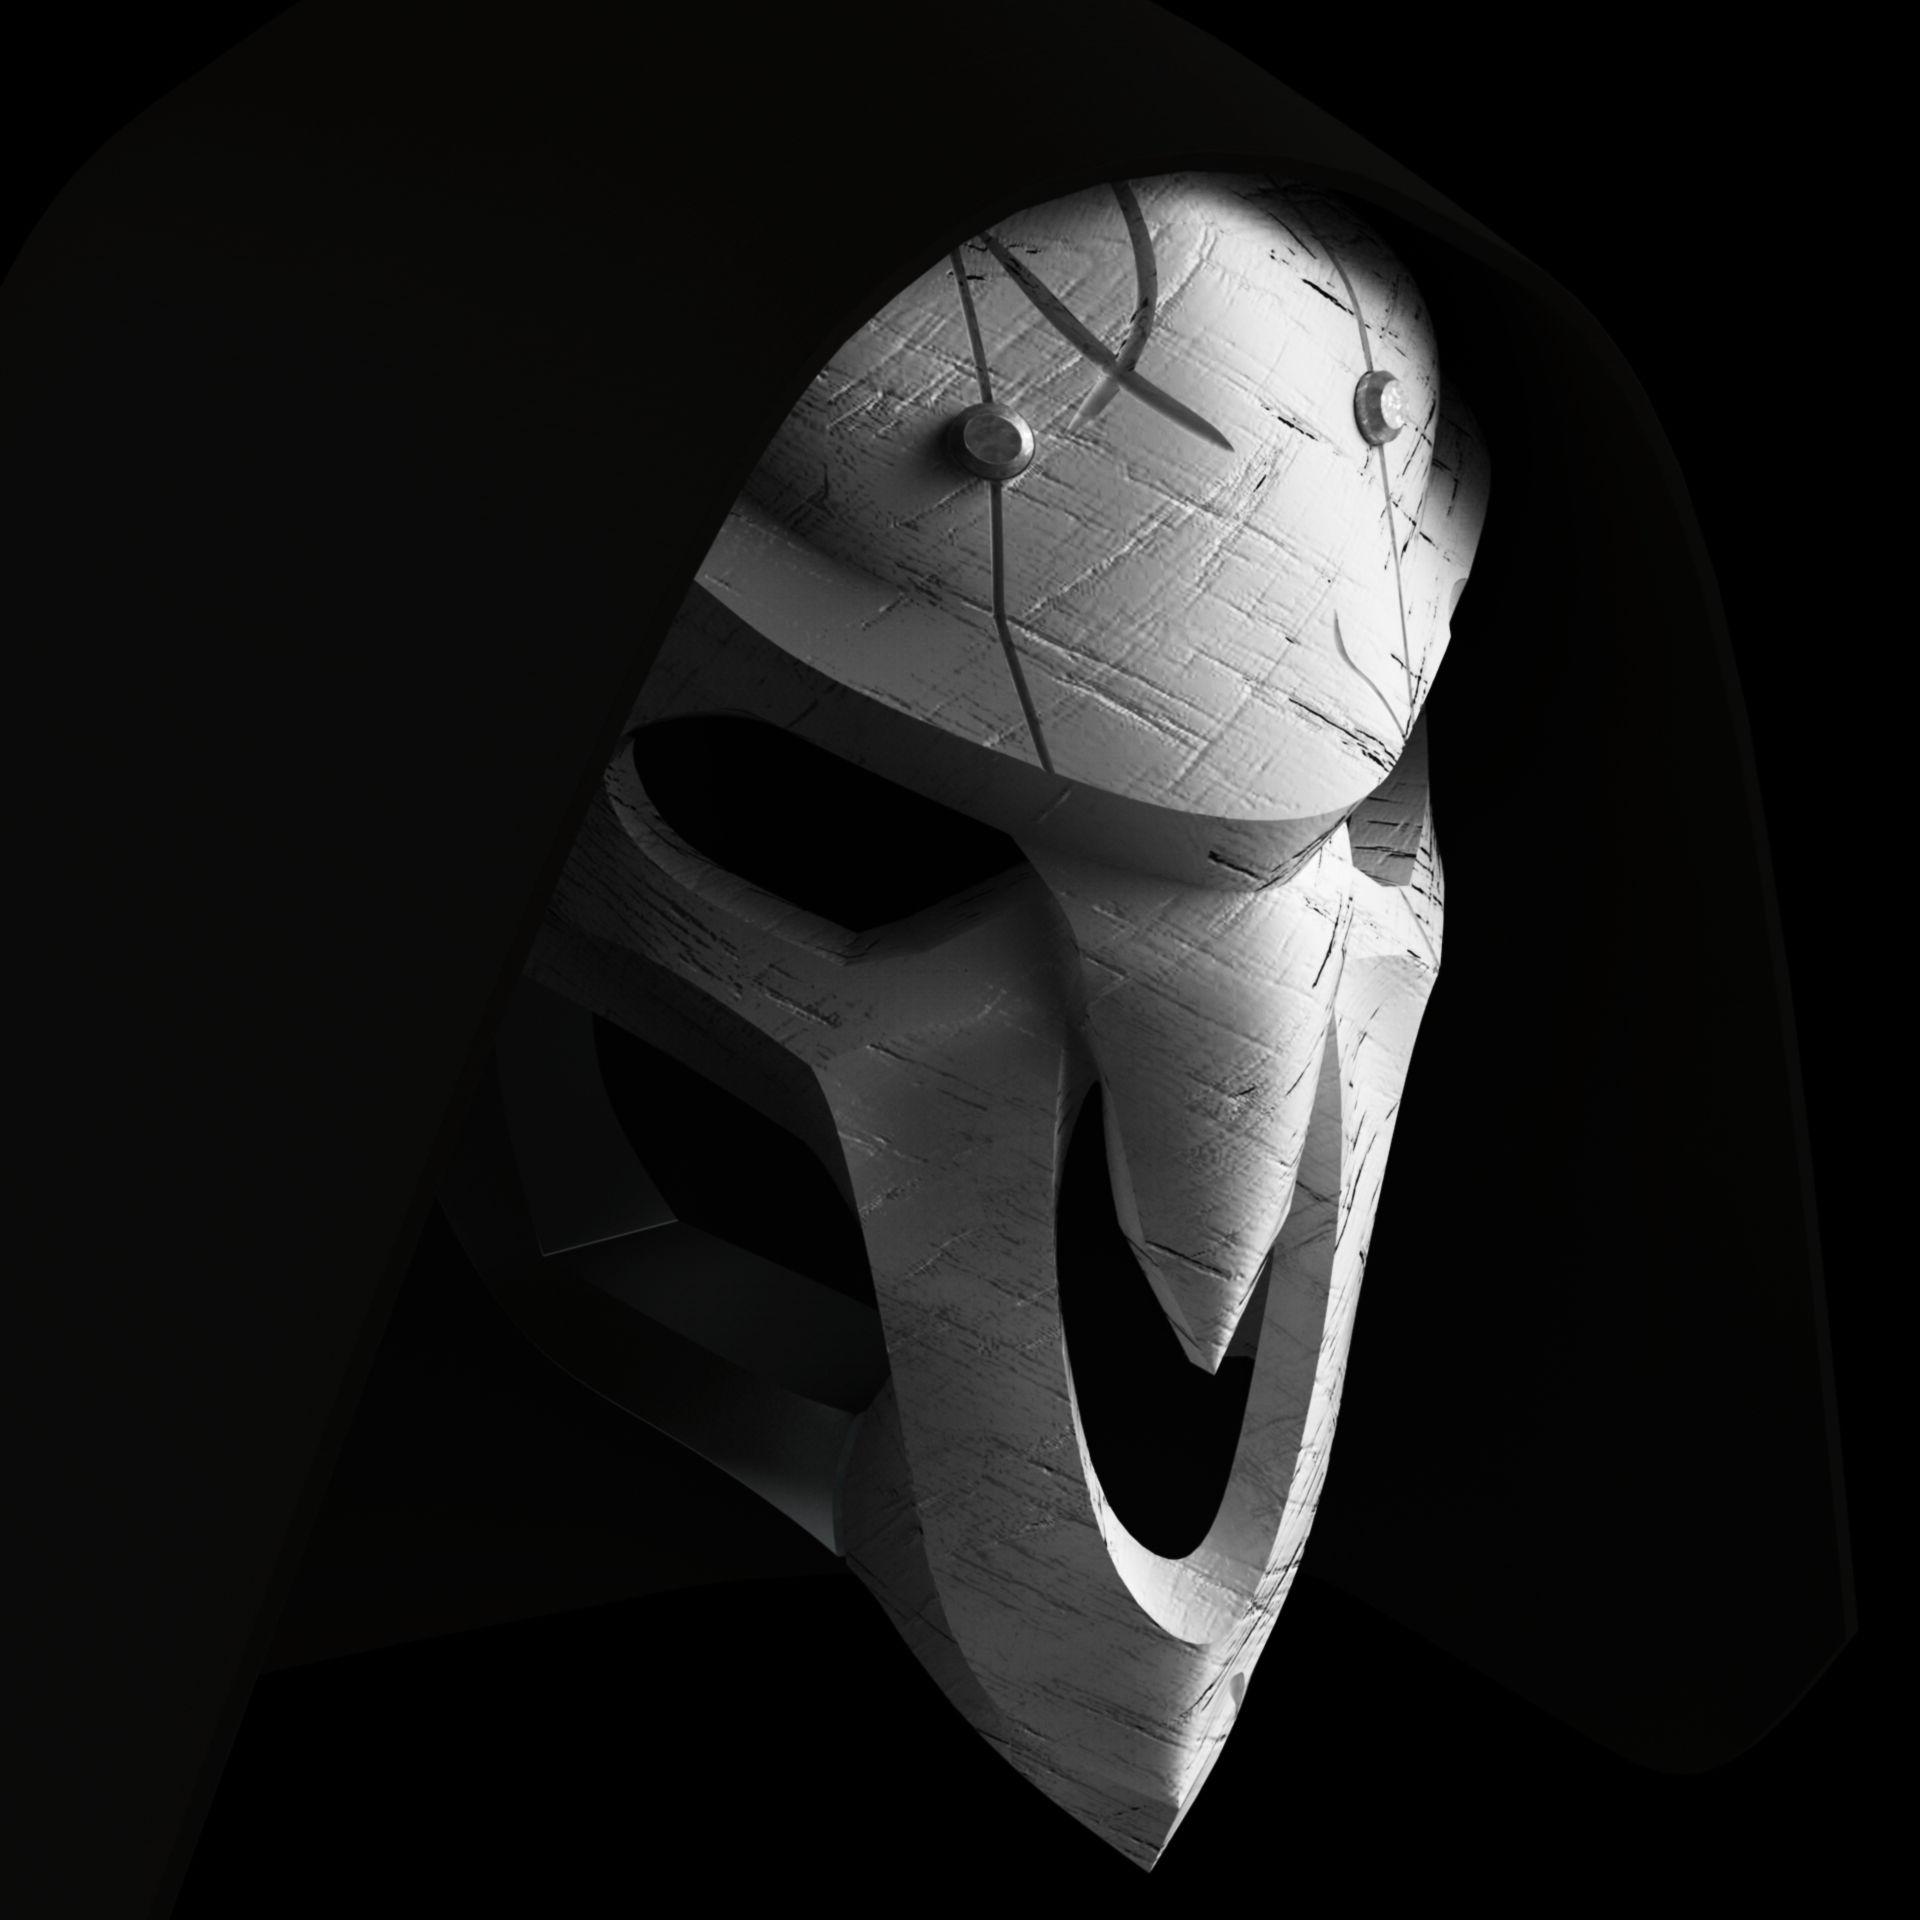 Overwatch-reaper-3500-3500